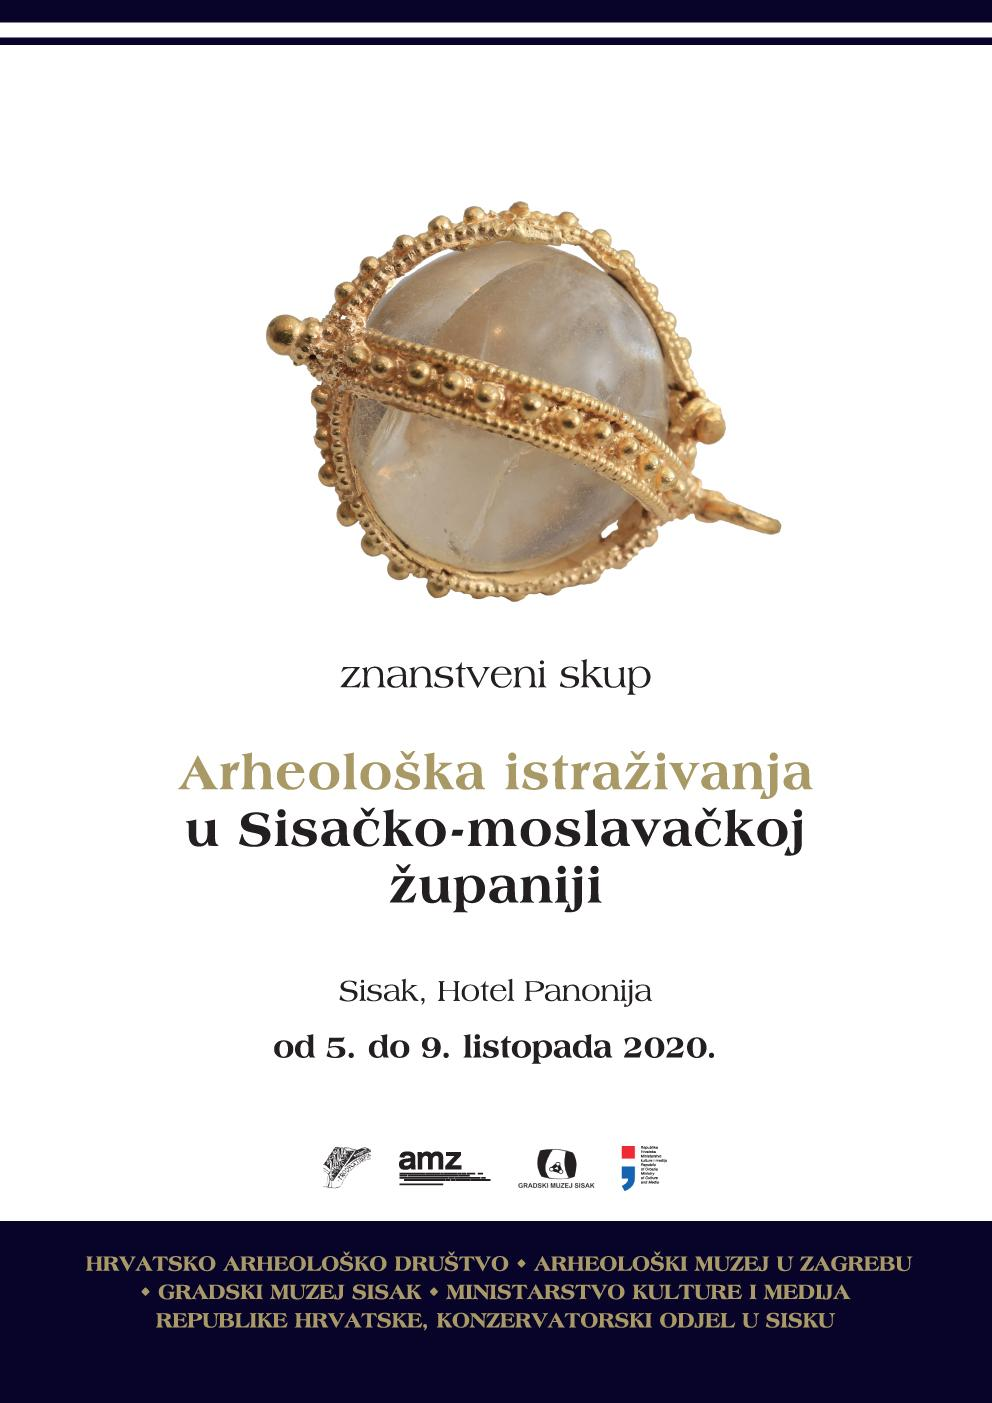 """Znanstveni skup """"Arheološka istraživanja u Sisačko-moslavačkoj županiji"""""""